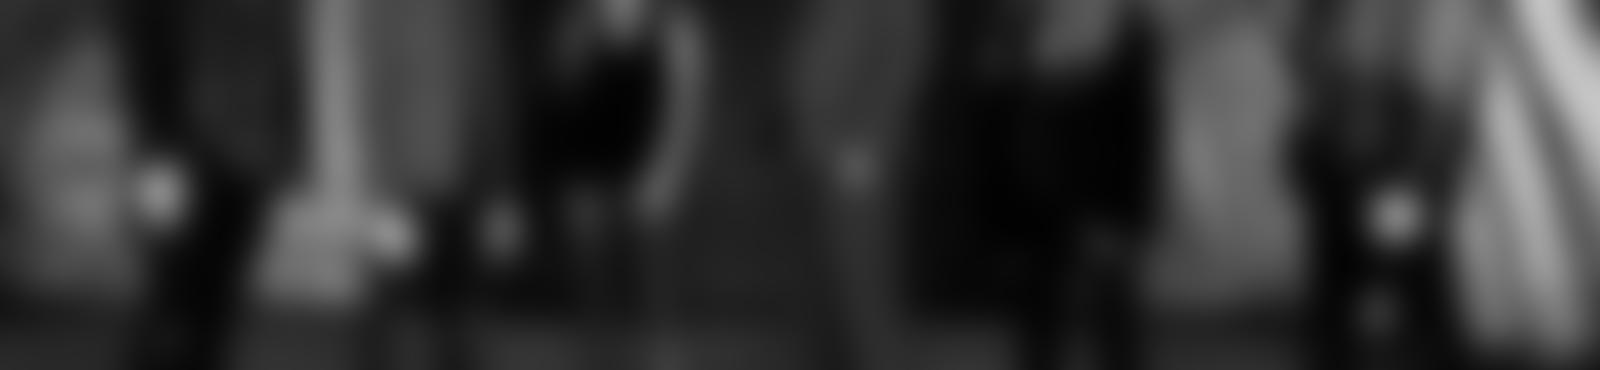 Blurred 1322efc2 3519 4141 8dfe 91eef02217bc